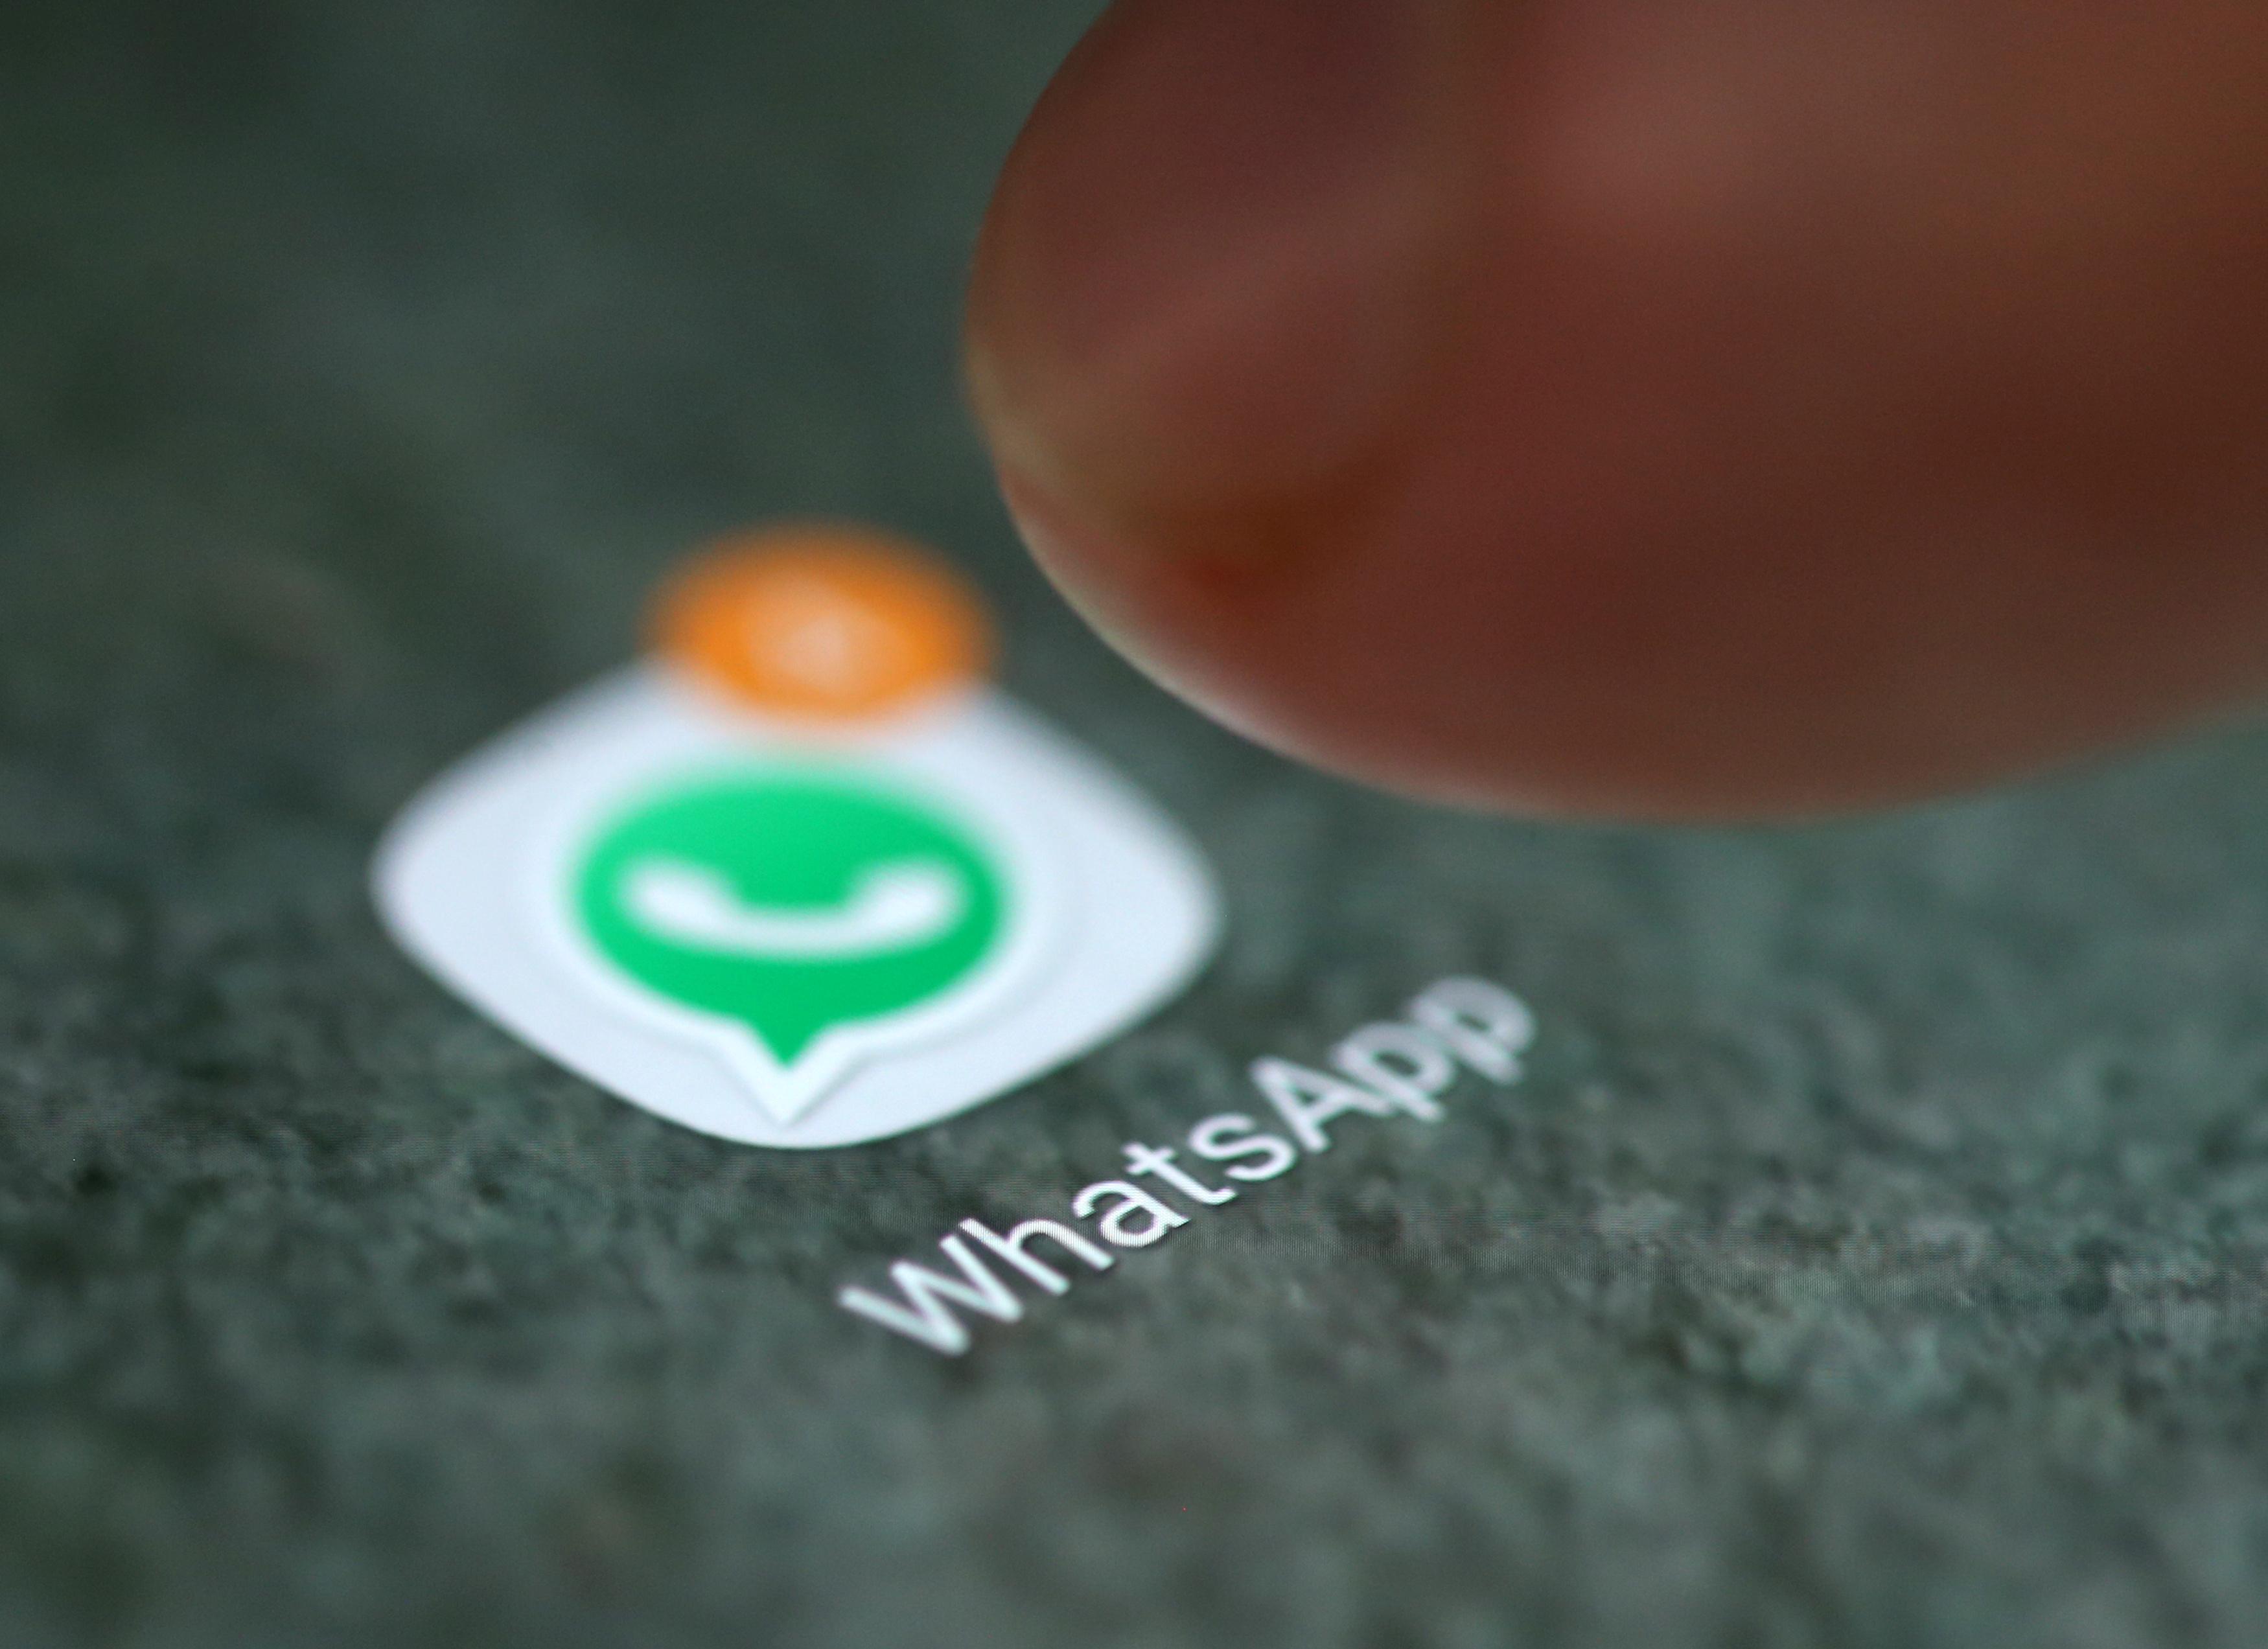 WhatsApp Son Görülme Özelliğini Değiştiriyor: Kara Liste Uygulaması Başlayacak